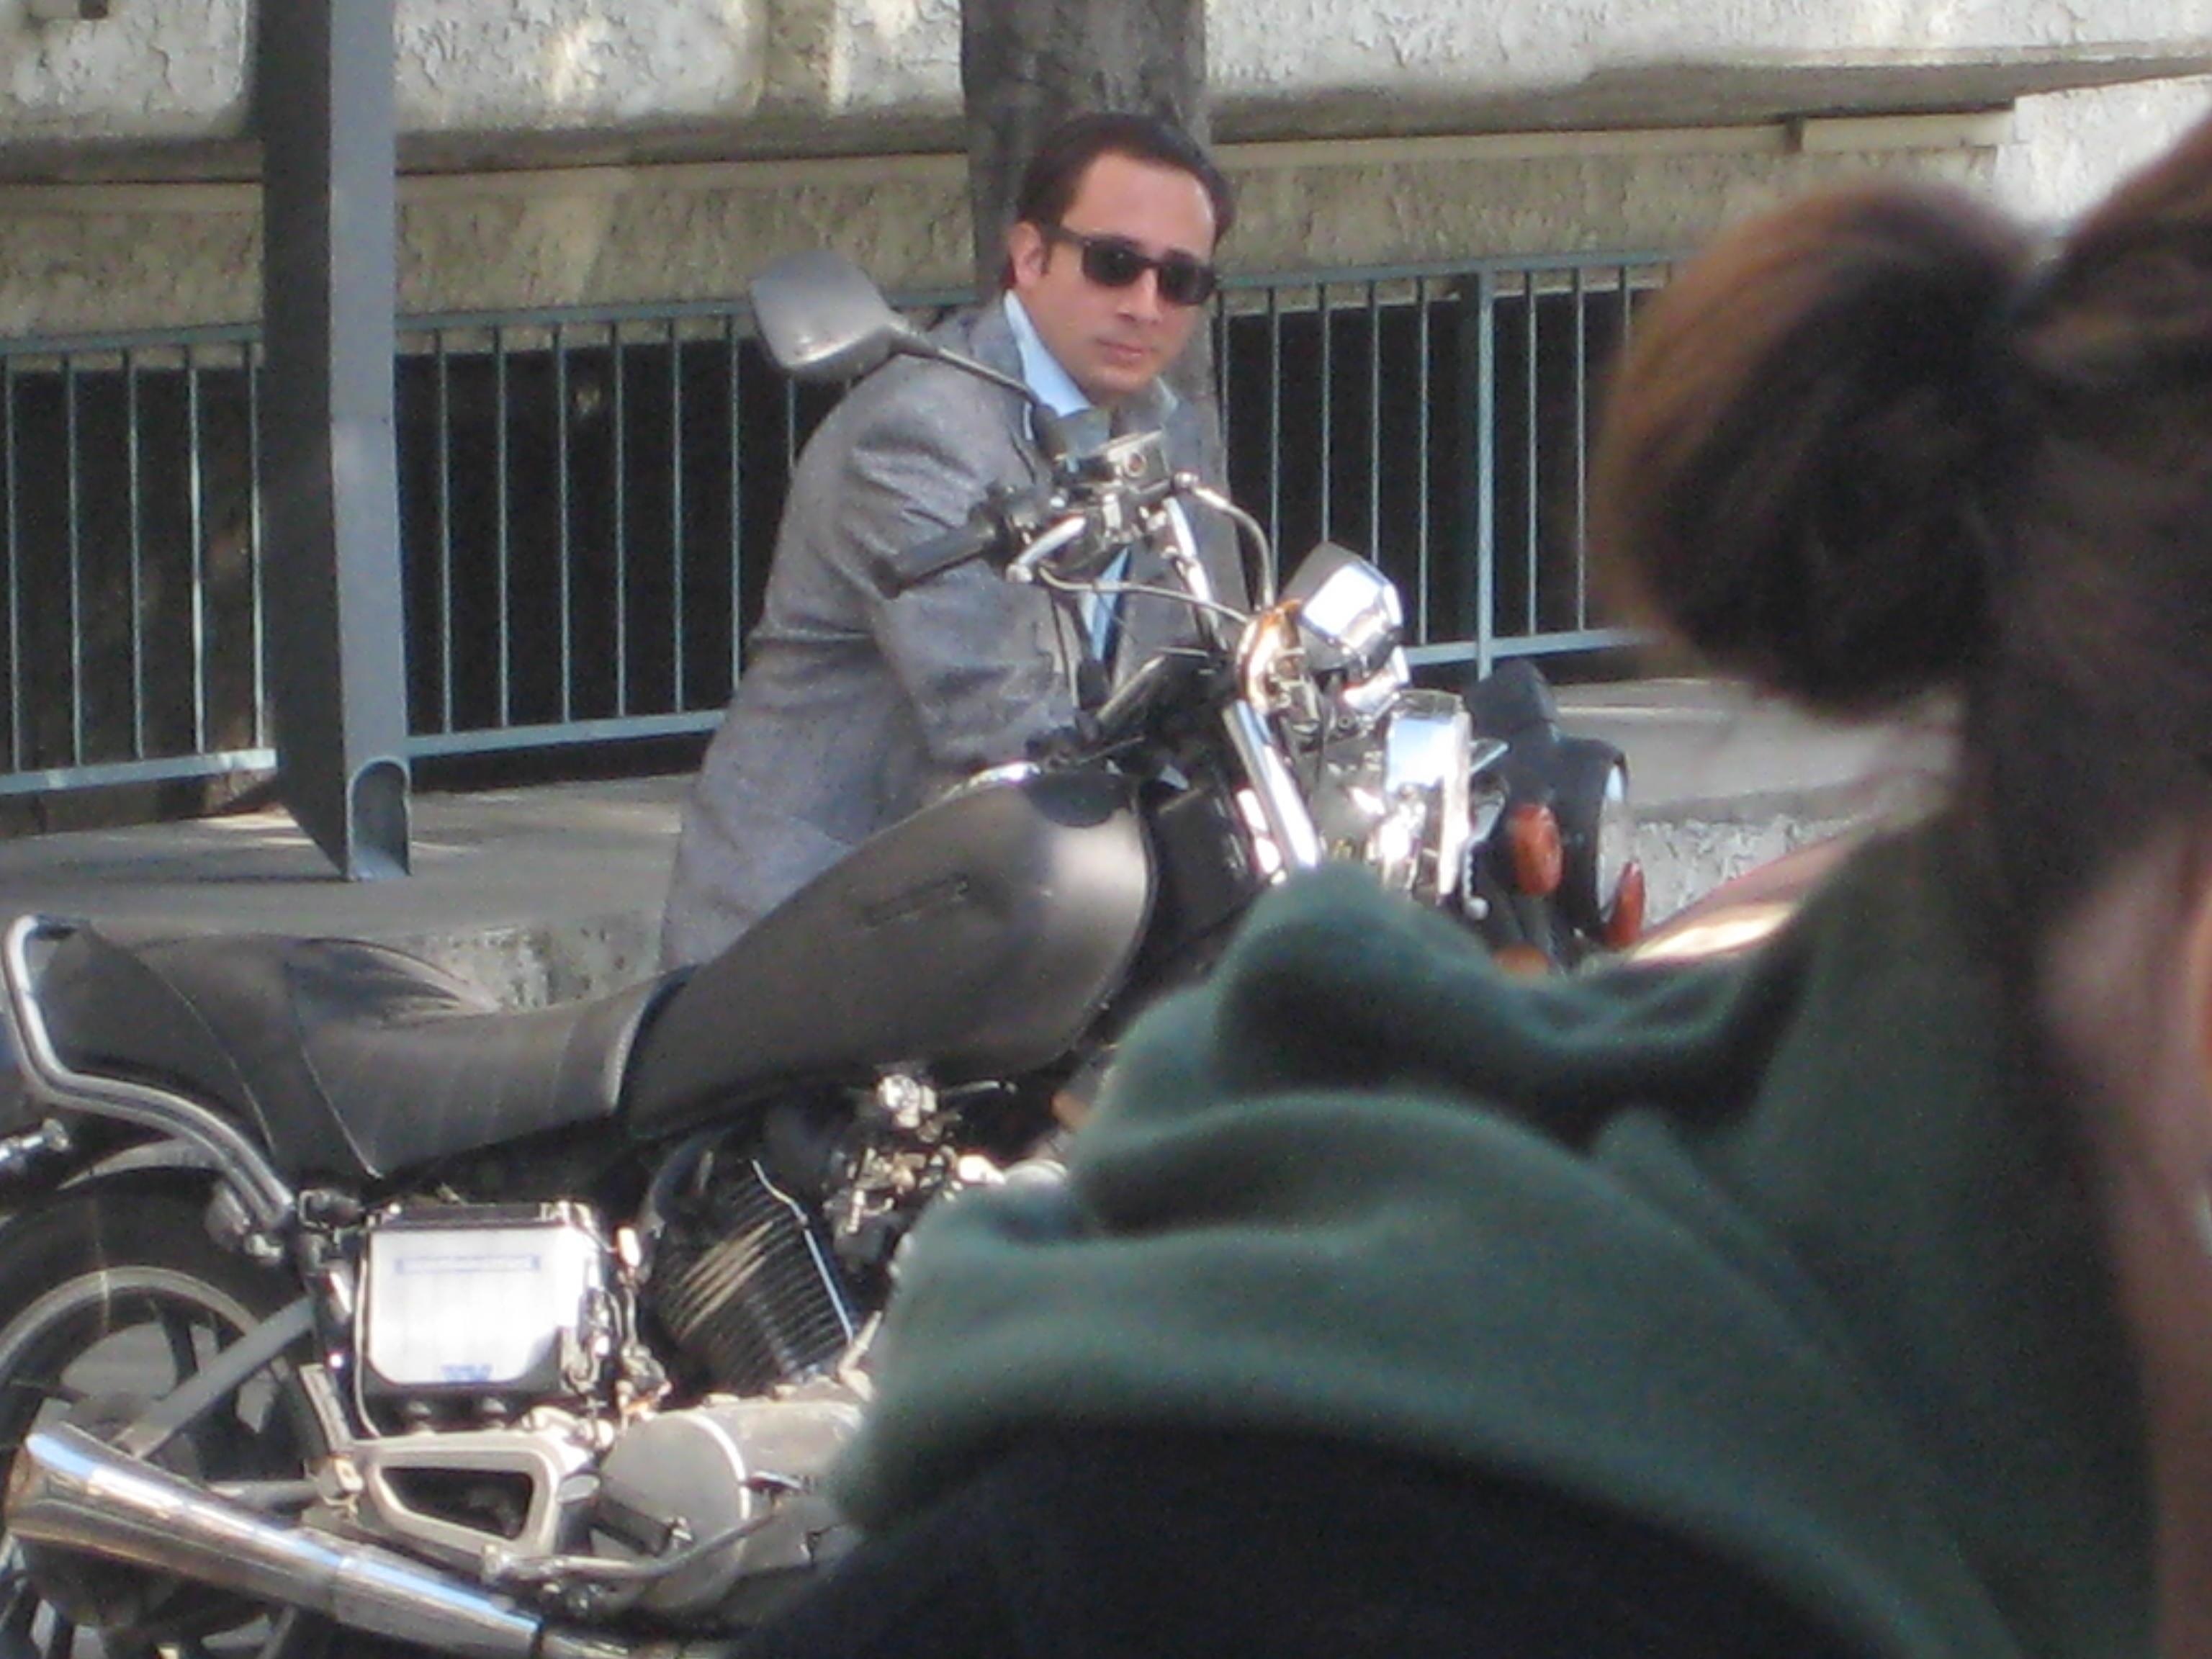 Ian Federgreen in WRNG in Studio City (2013)